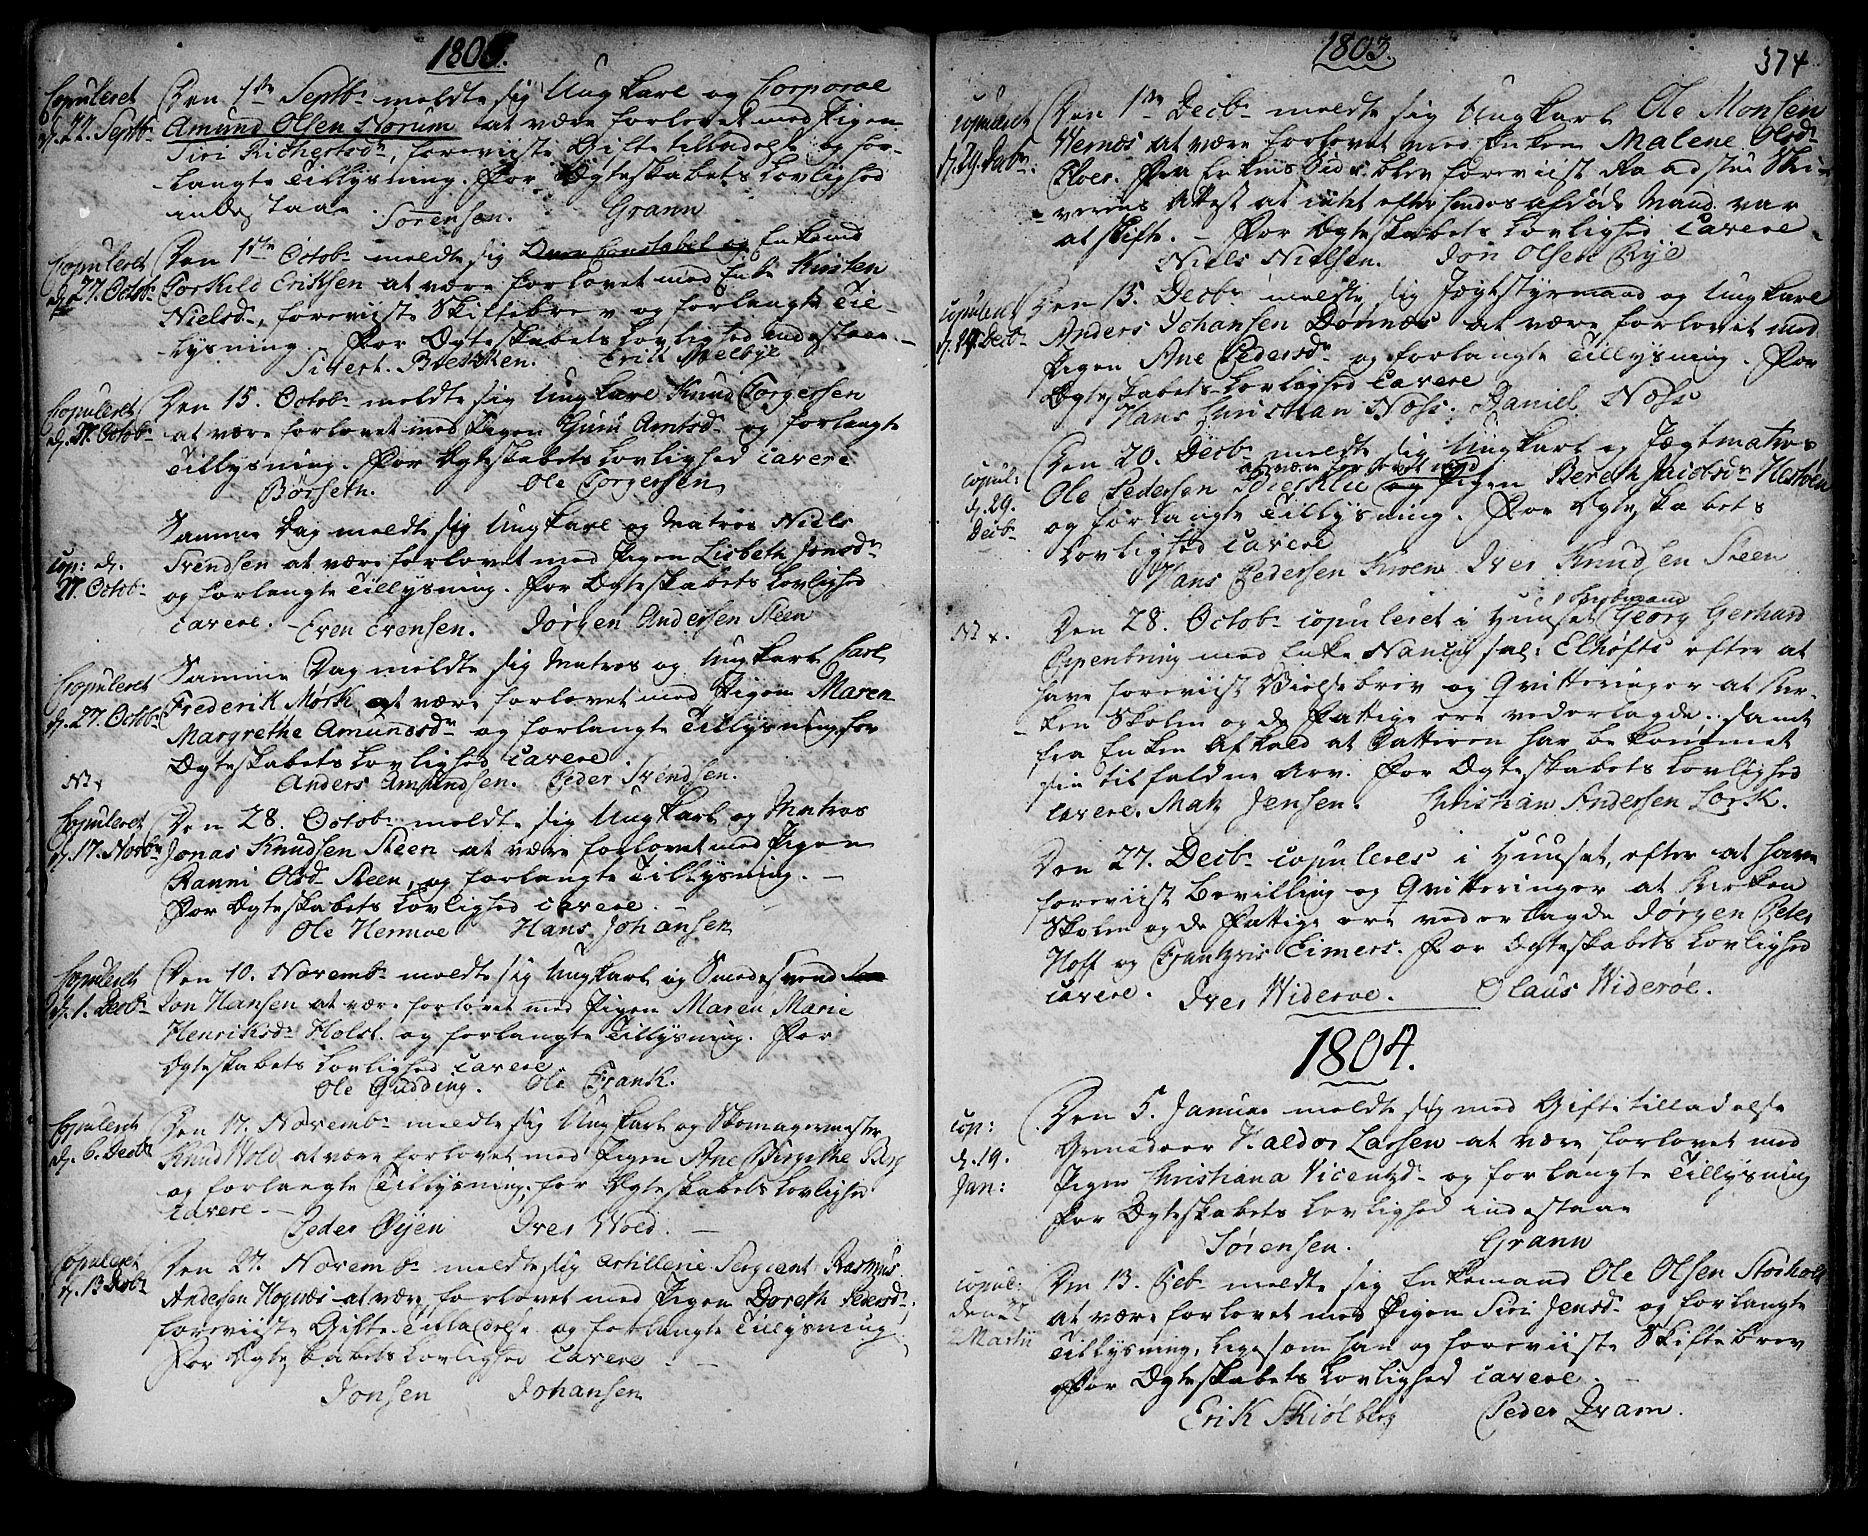 SAT, Ministerialprotokoller, klokkerbøker og fødselsregistre - Sør-Trøndelag, 601/L0038: Ministerialbok nr. 601A06, 1766-1877, s. 374